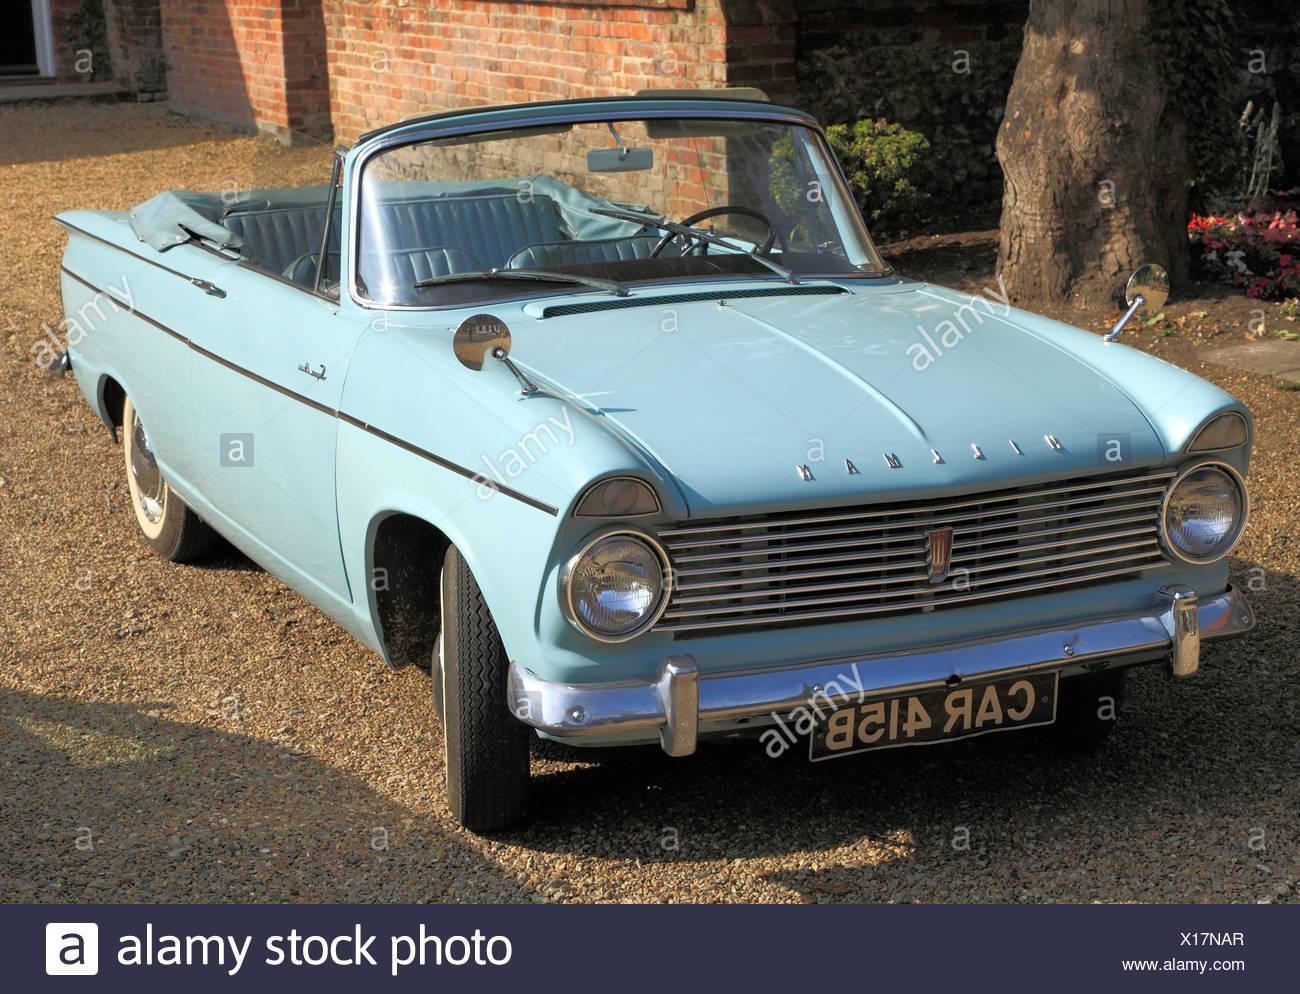 Hillman Super Minx, sessanta vintage motor car, British Classic Cars Veicoli Hillmans, Cabrio Cabrio, England Regno Unito Immagini Stock